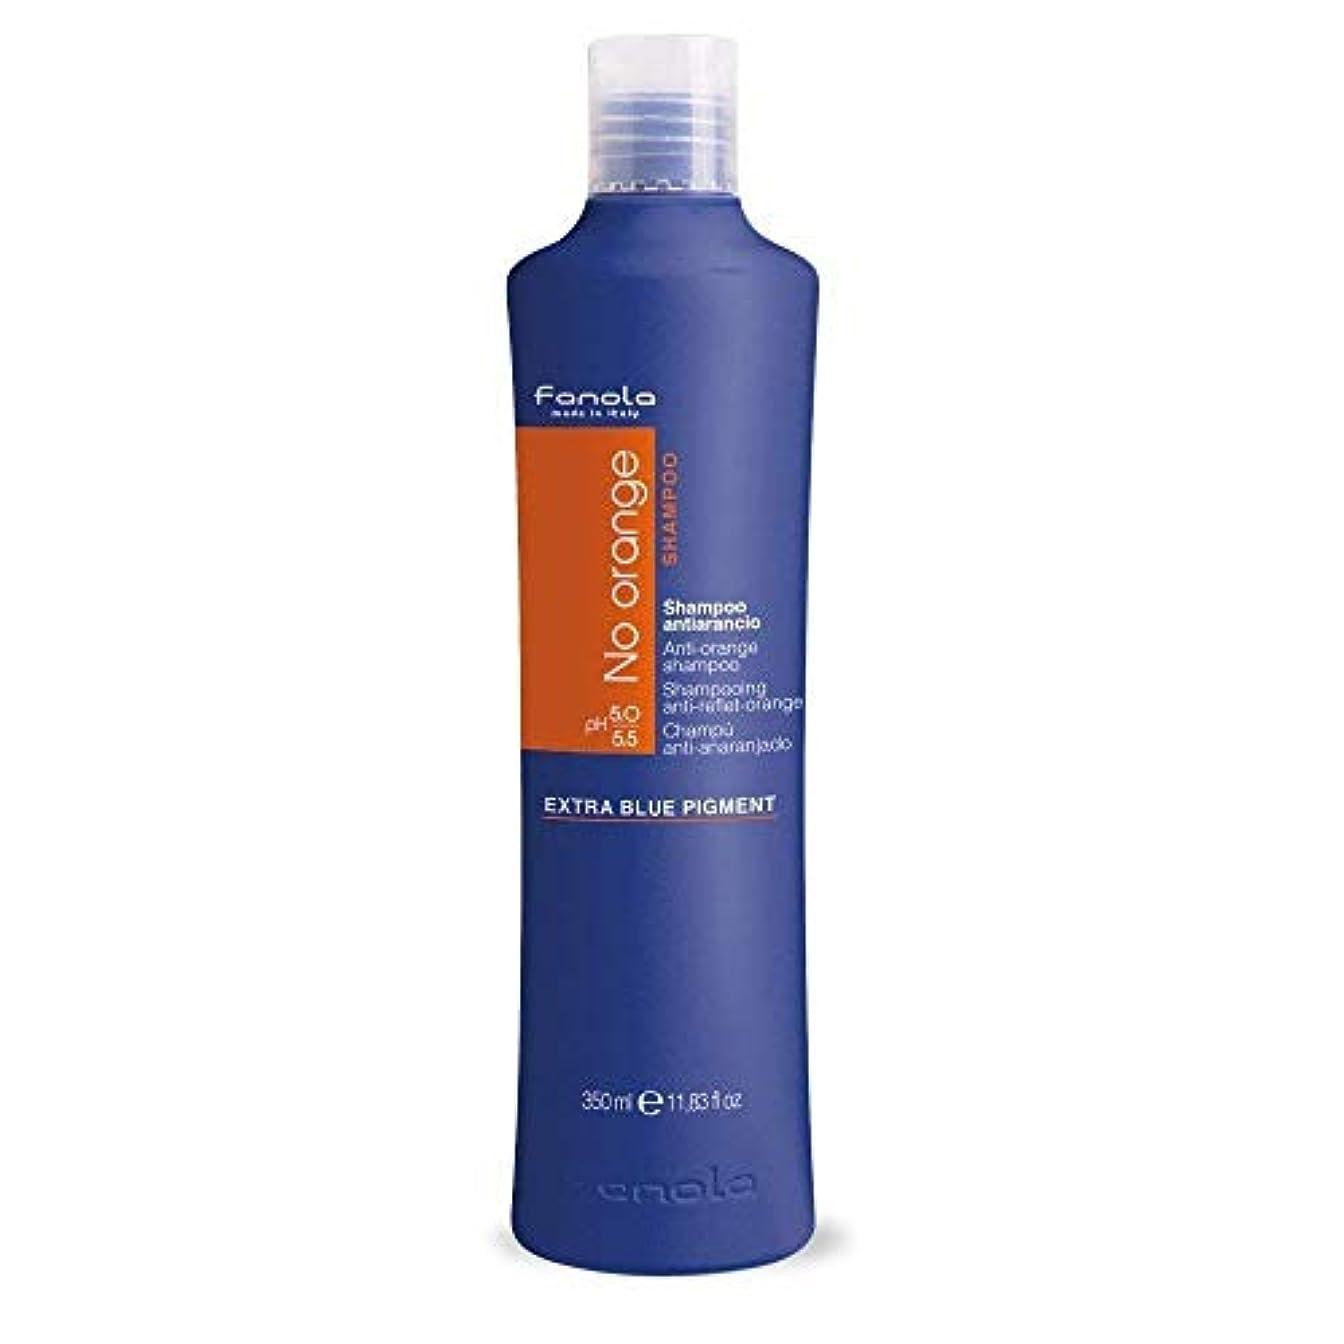 ヒューマニスティック地区想像するFanola No Orange Shampoo 350 ml  青カラーシャンプー ノーオレンジ シャンプー 海外直送 [並行輸入品]